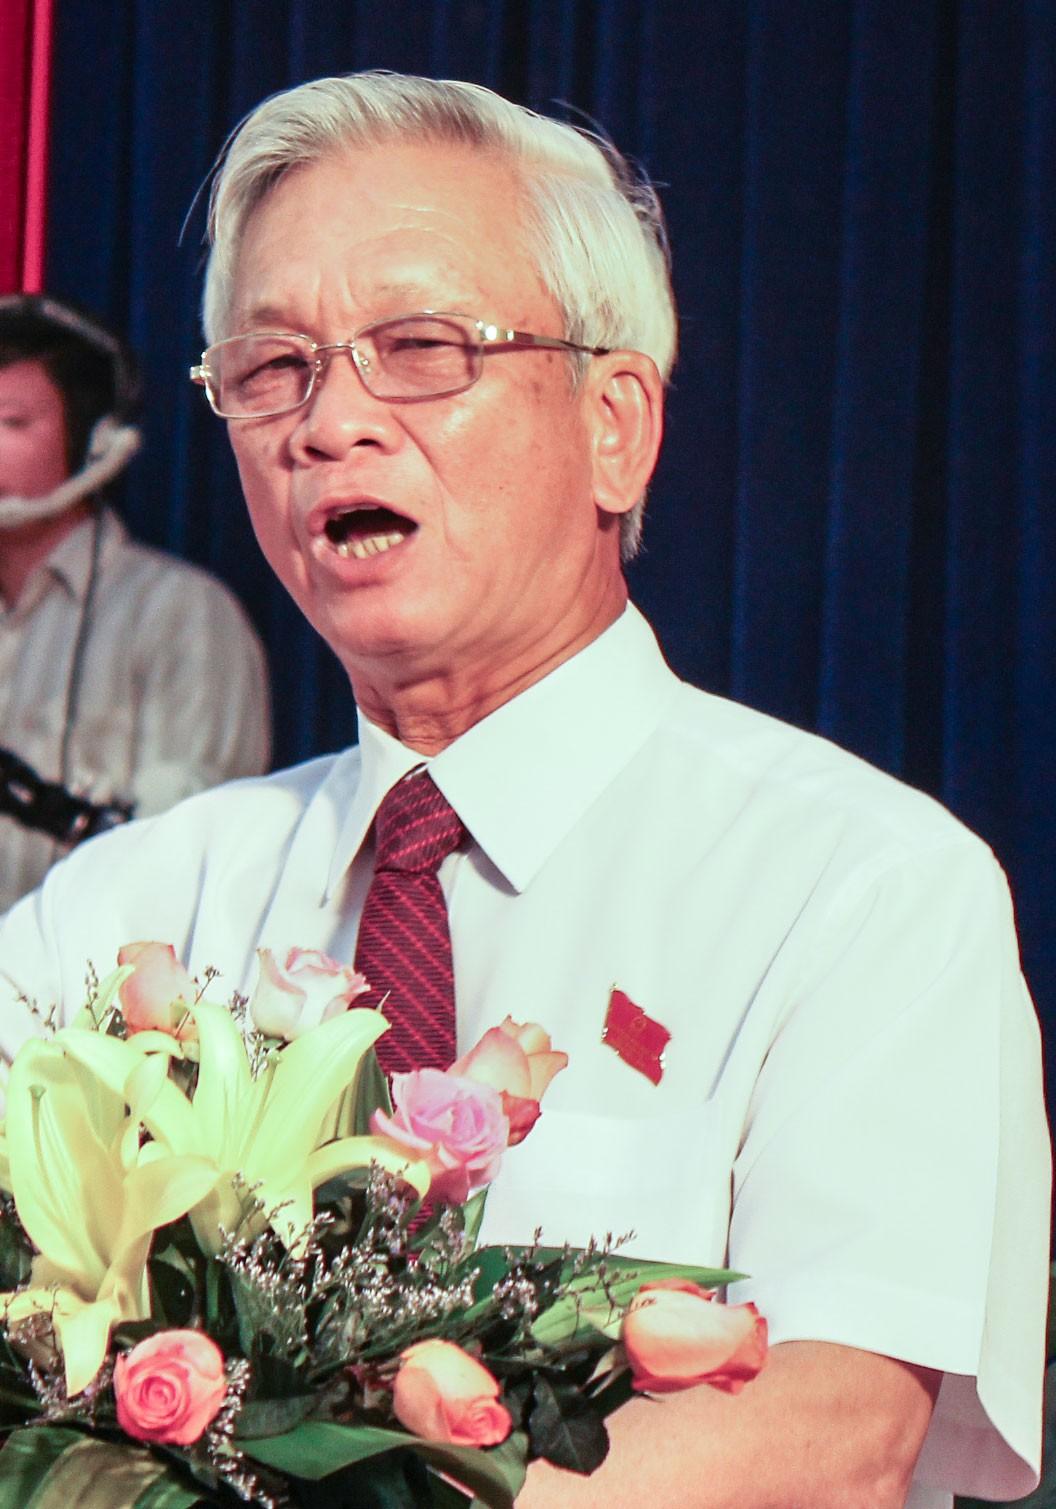 [eMagazine] - Chân dung 5 lãnh đạo của Khánh Hòa bị đề nghị kỷ luật - Ảnh 6.